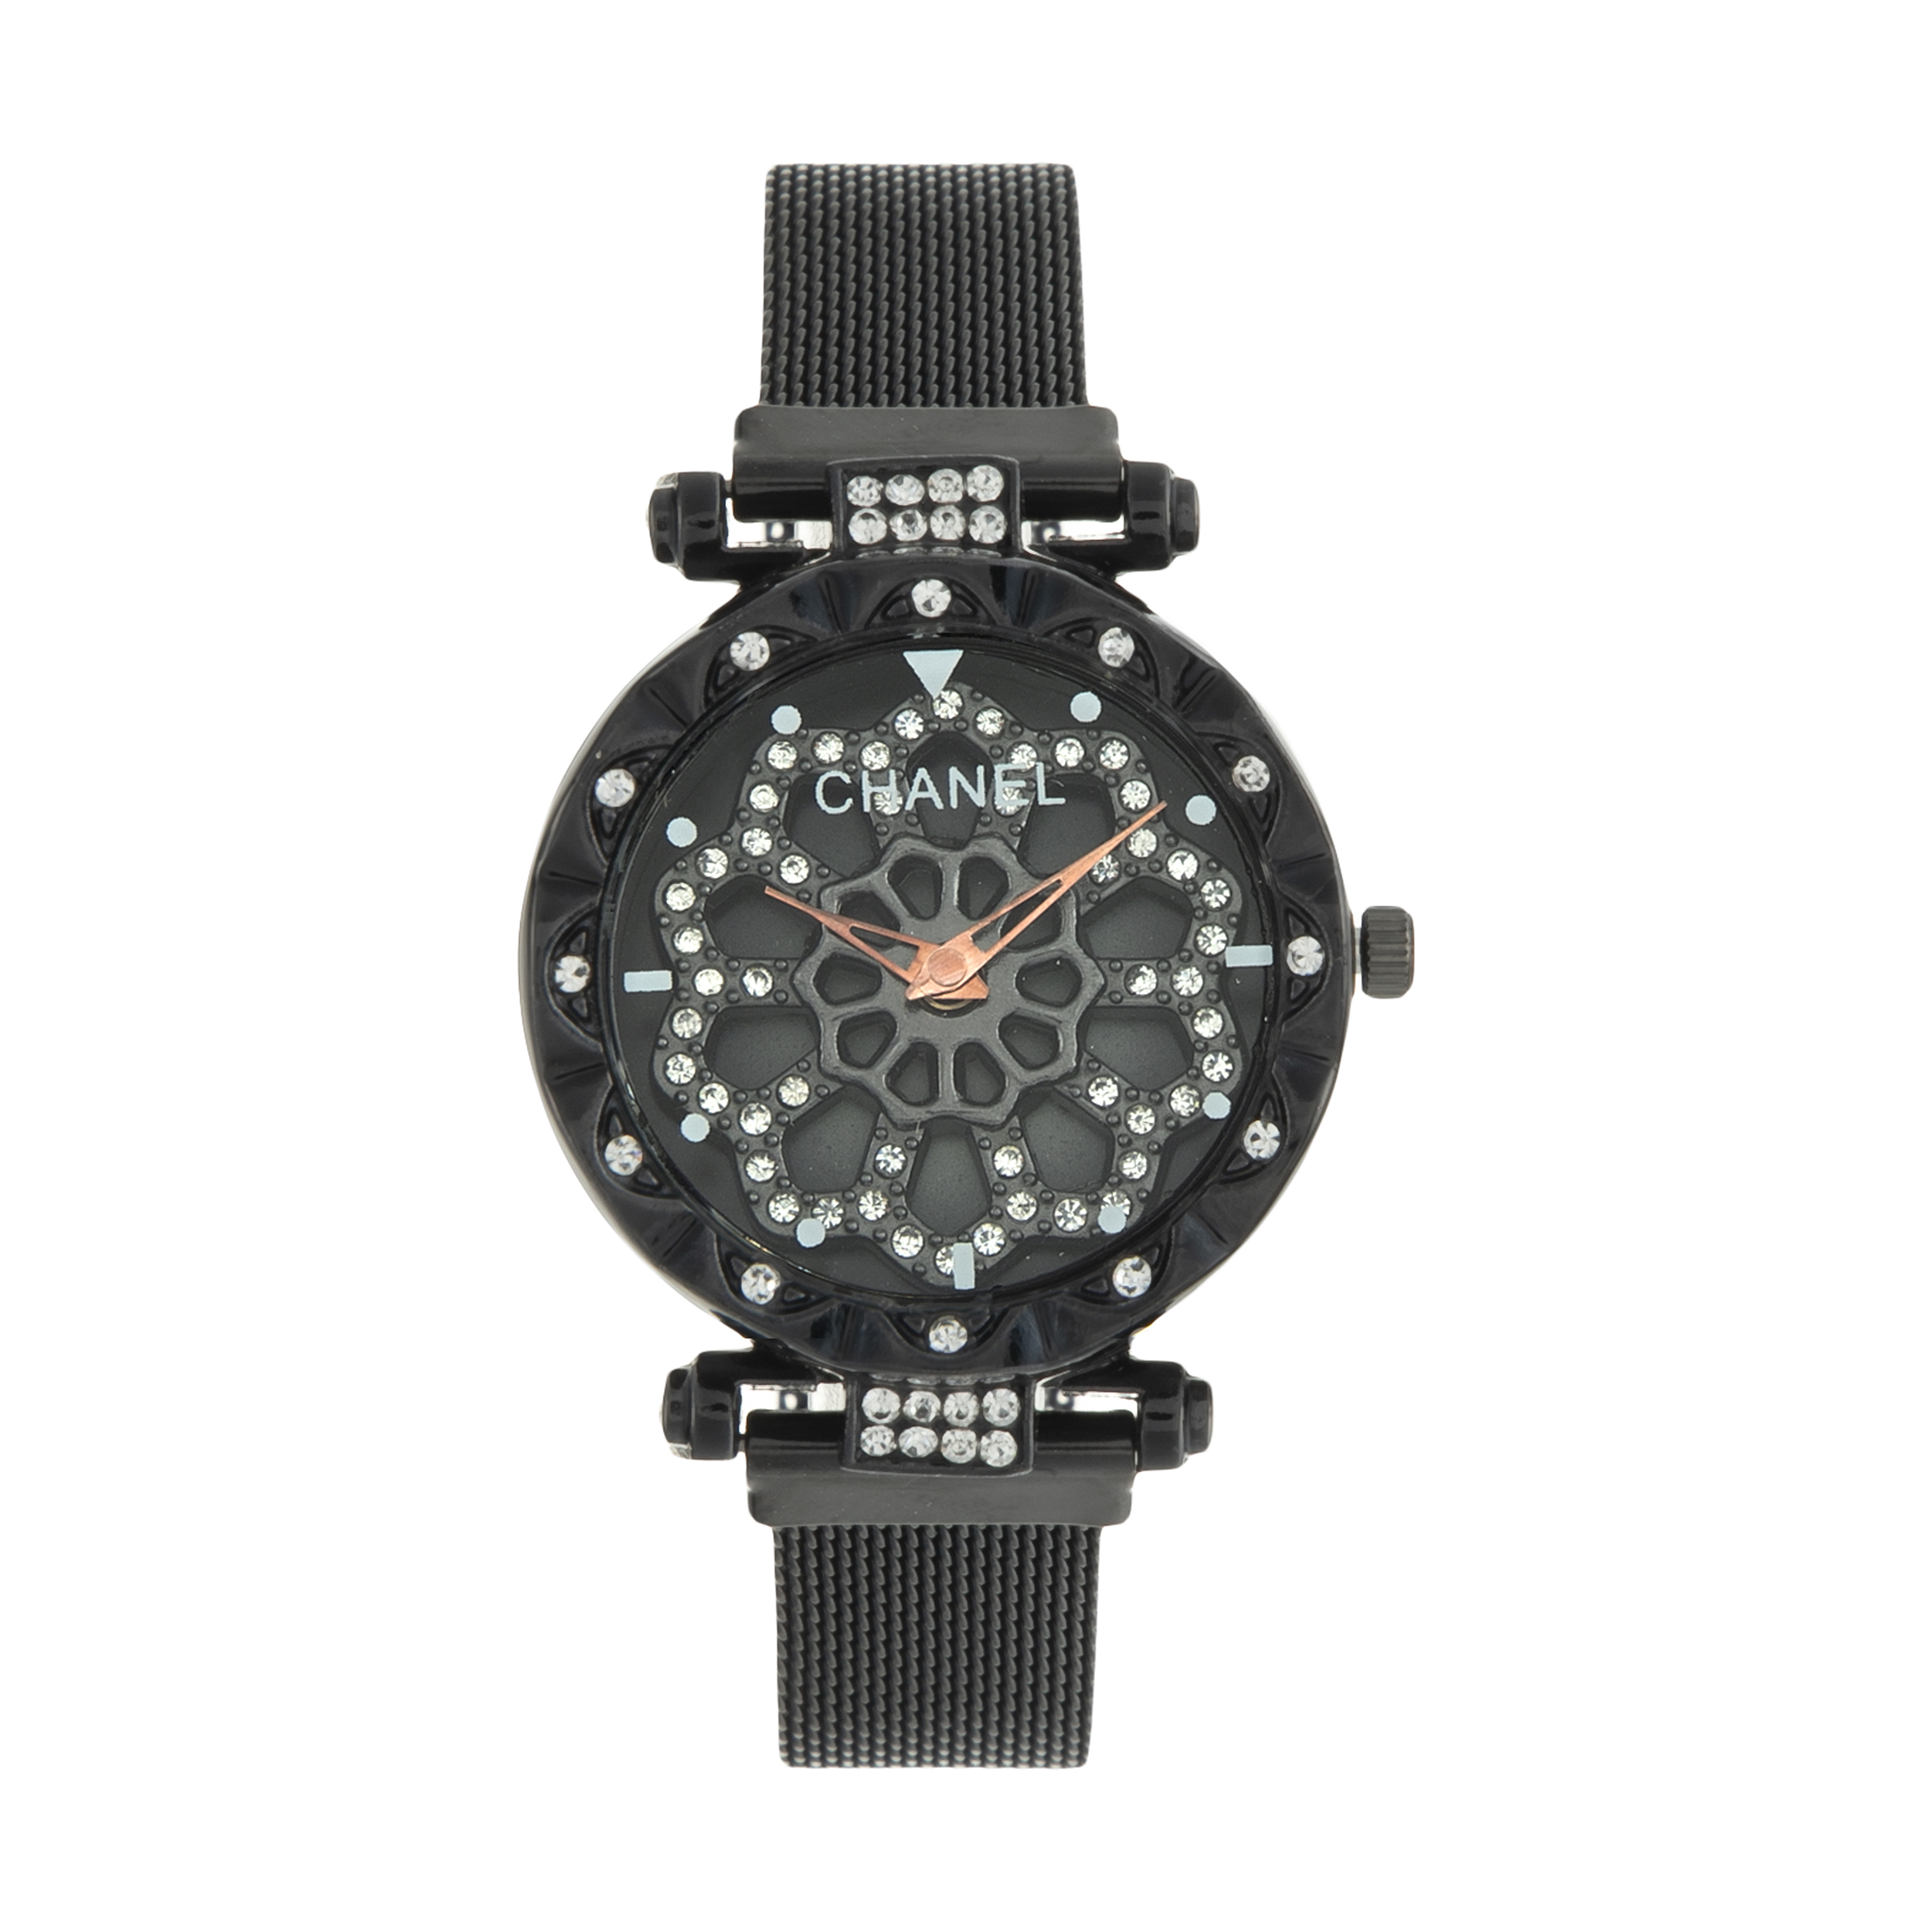 خرید و قیمت                      ساعت مچی  زنانه مدل اسپینر ch02